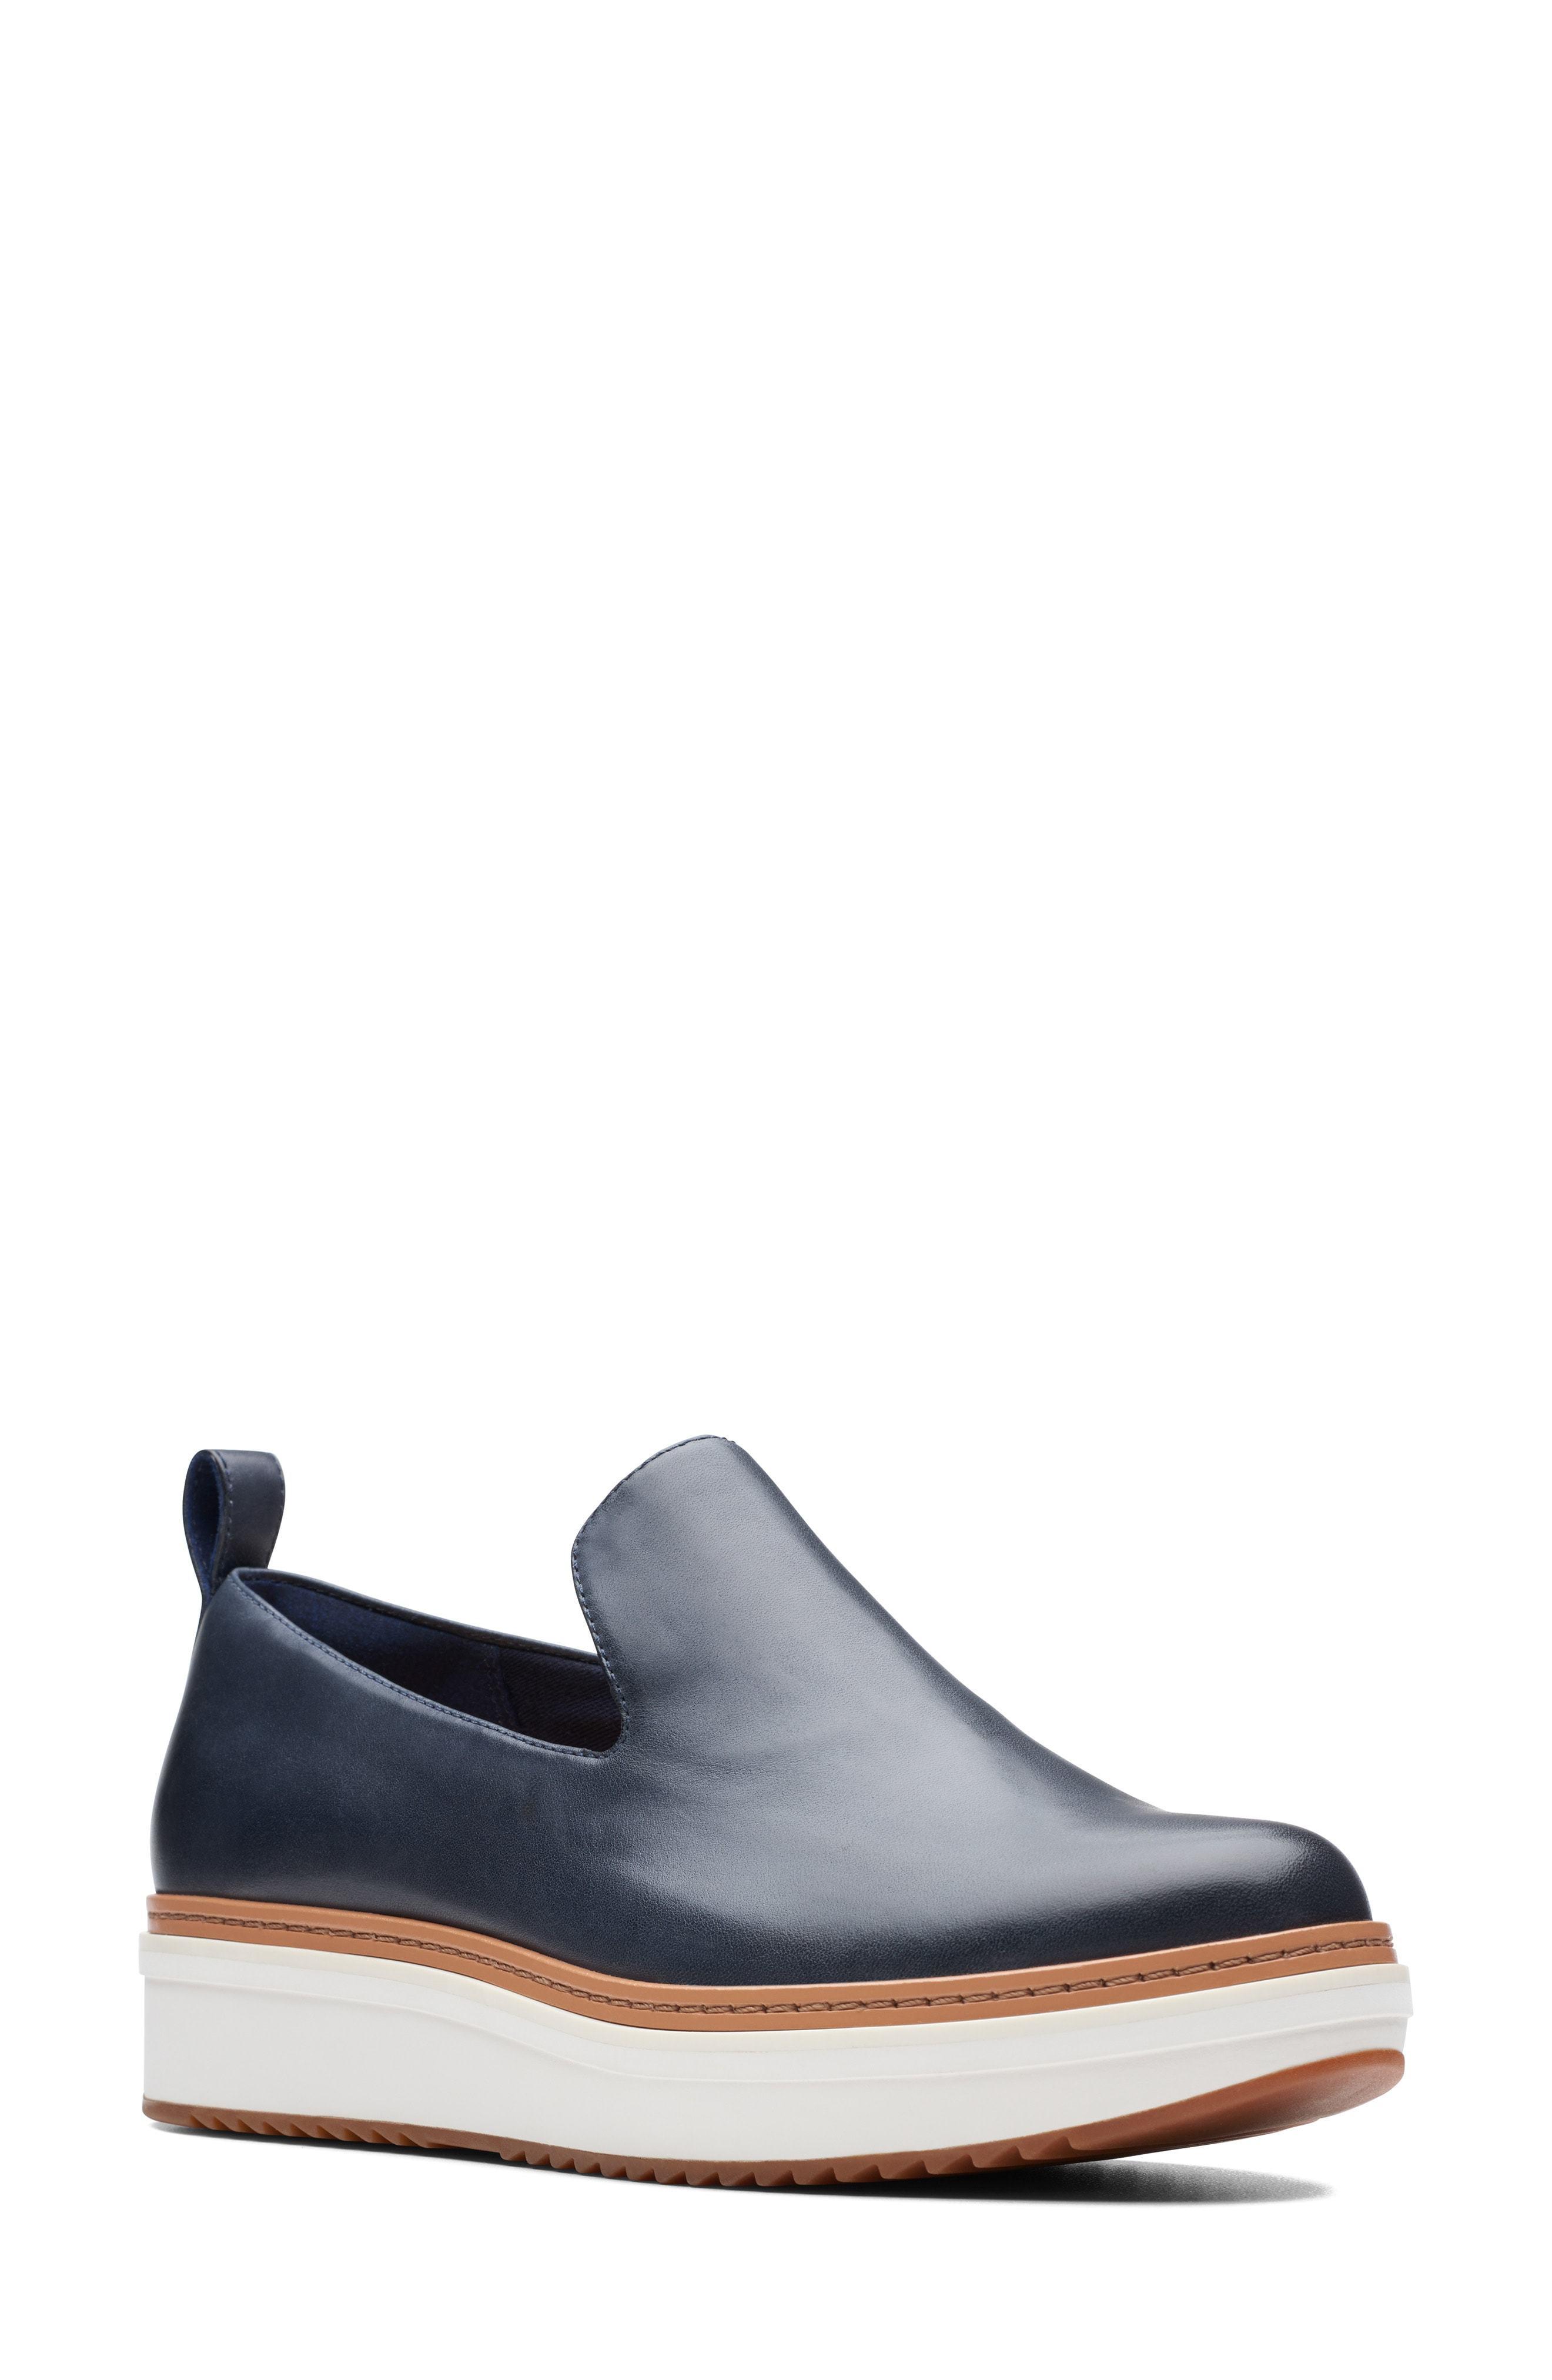 Clarks Teadale Genna Platform Loafer